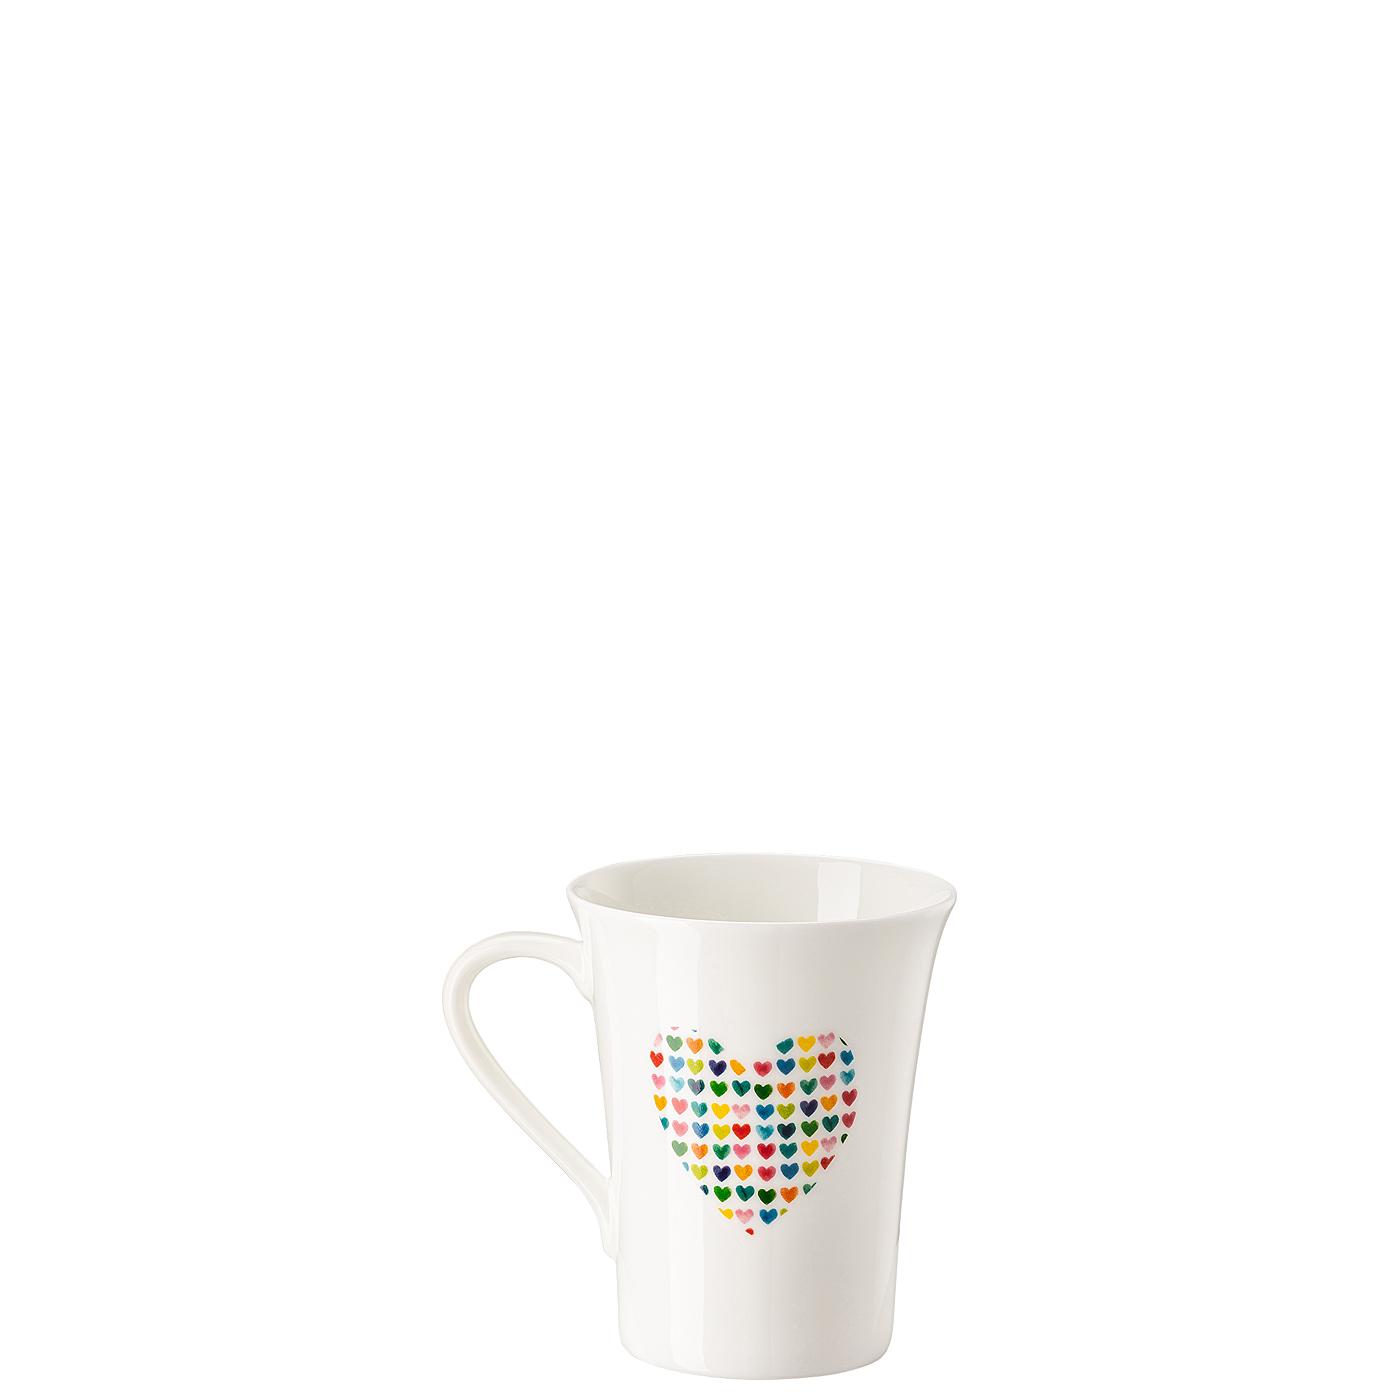 Becher mit Henkel My Mug Collection Love-Heart of hearts Hutschenreuther